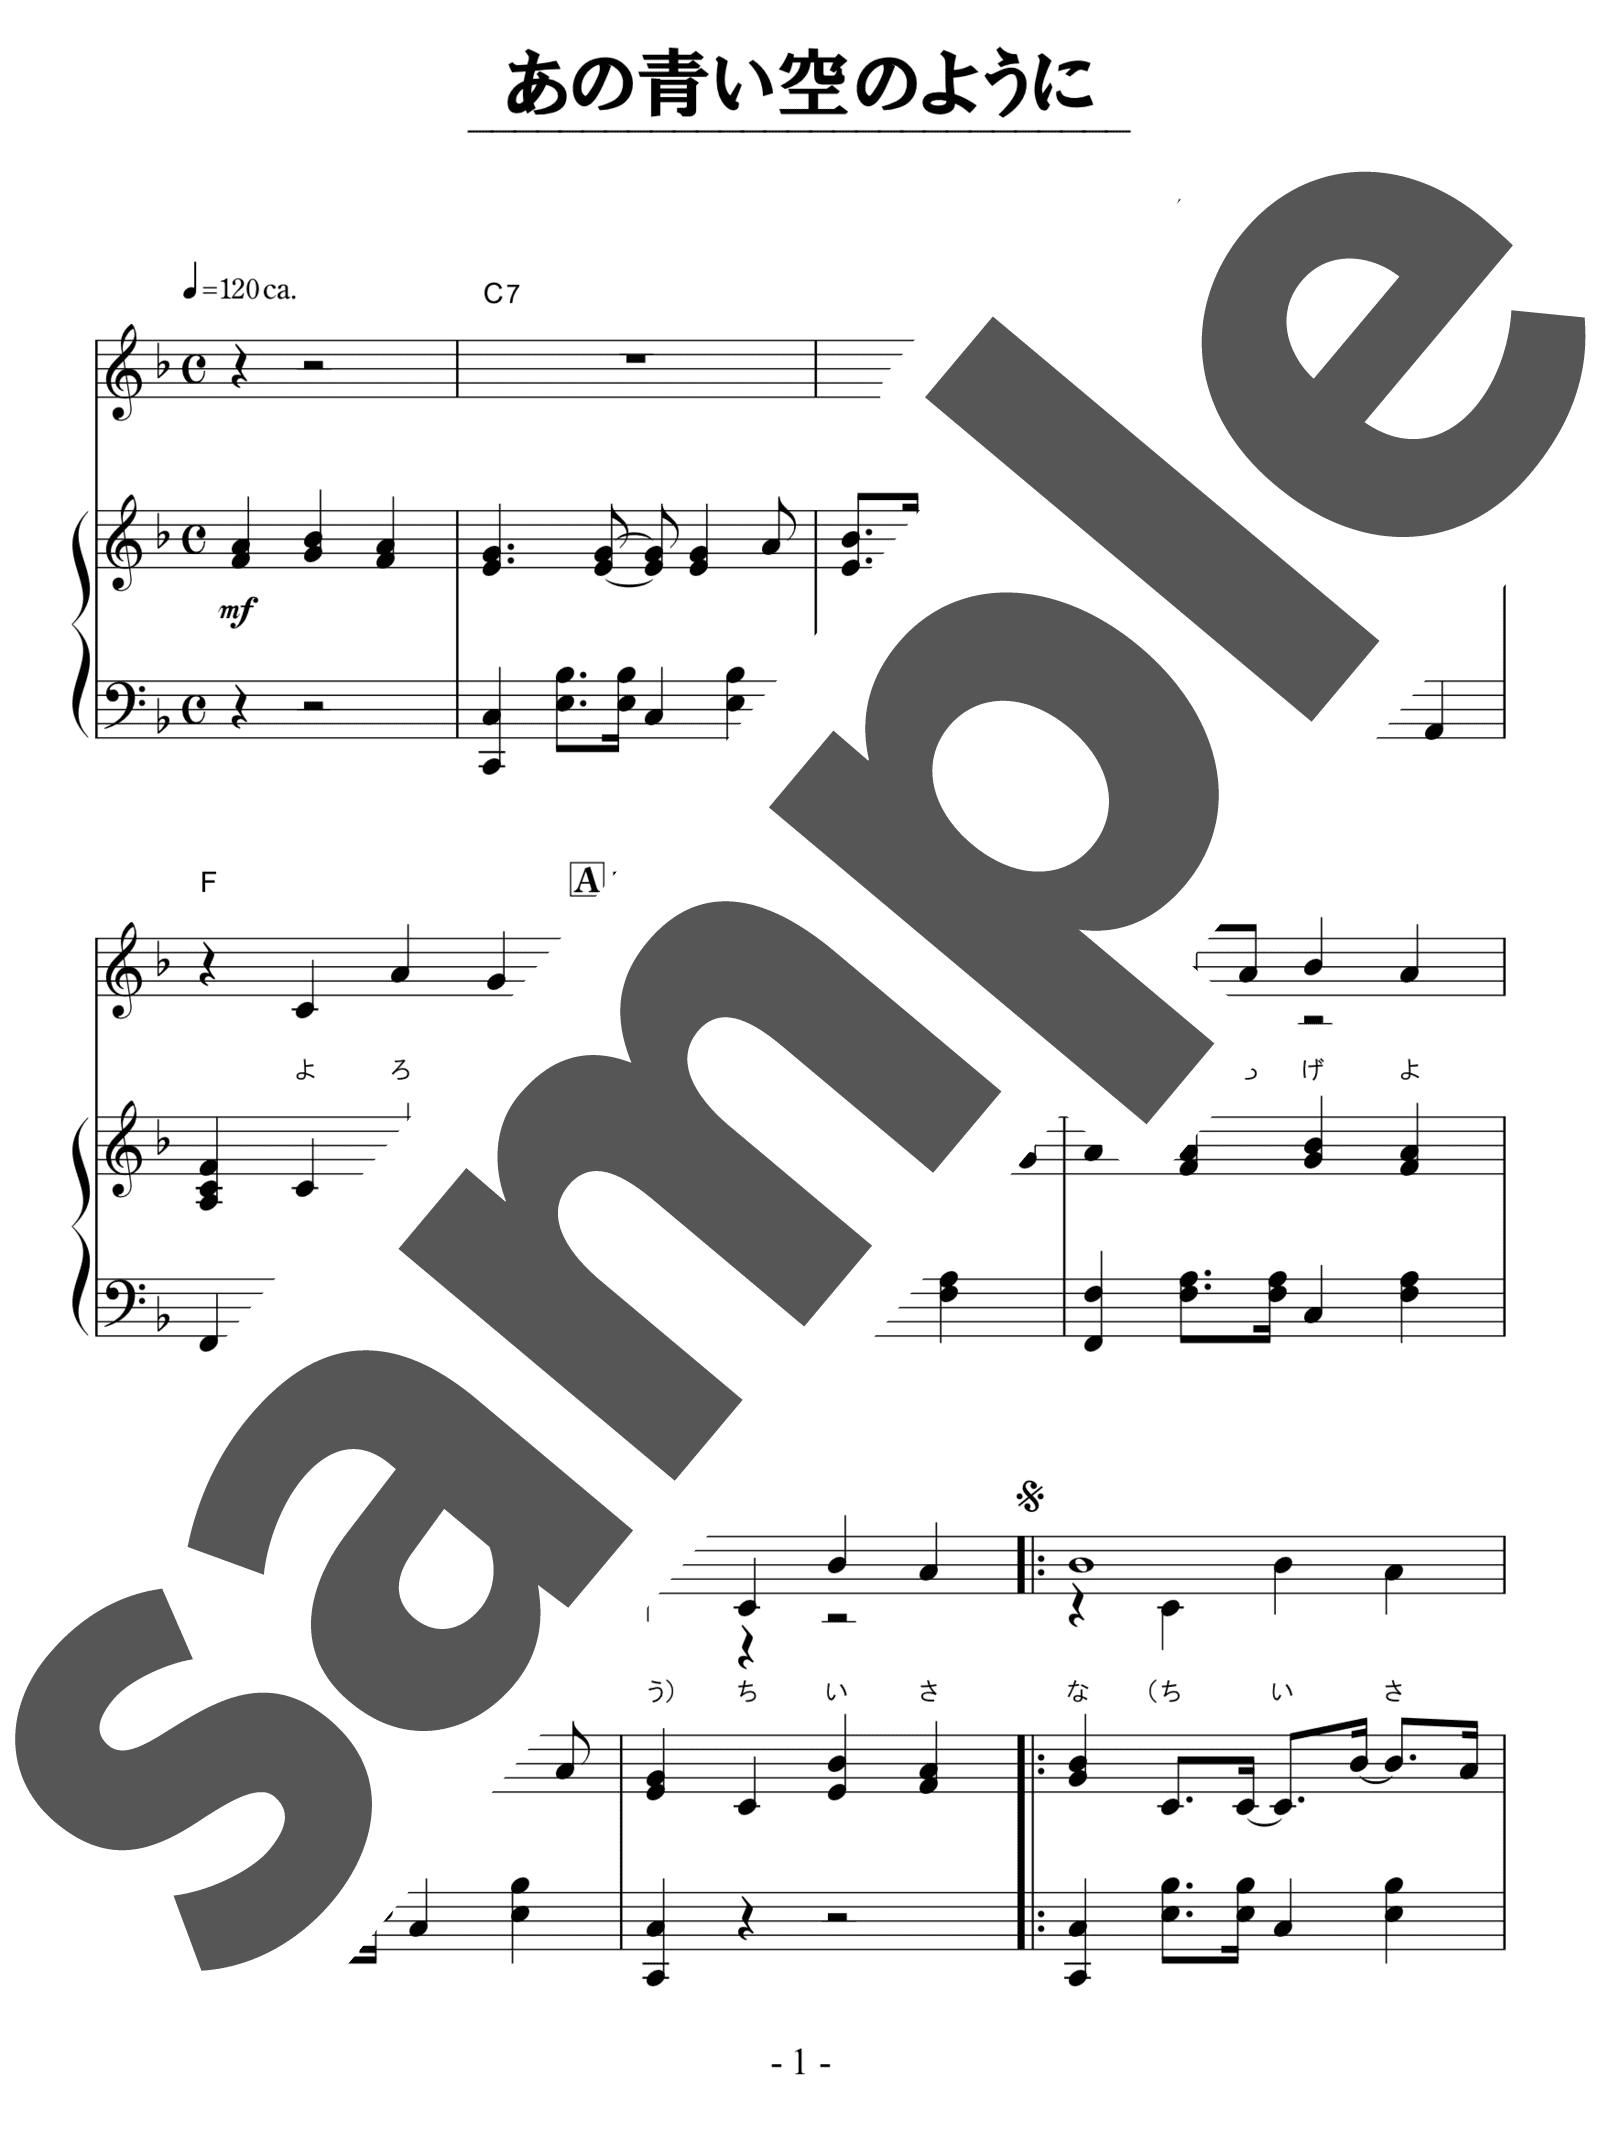 「あの青い空のように」のサンプル楽譜